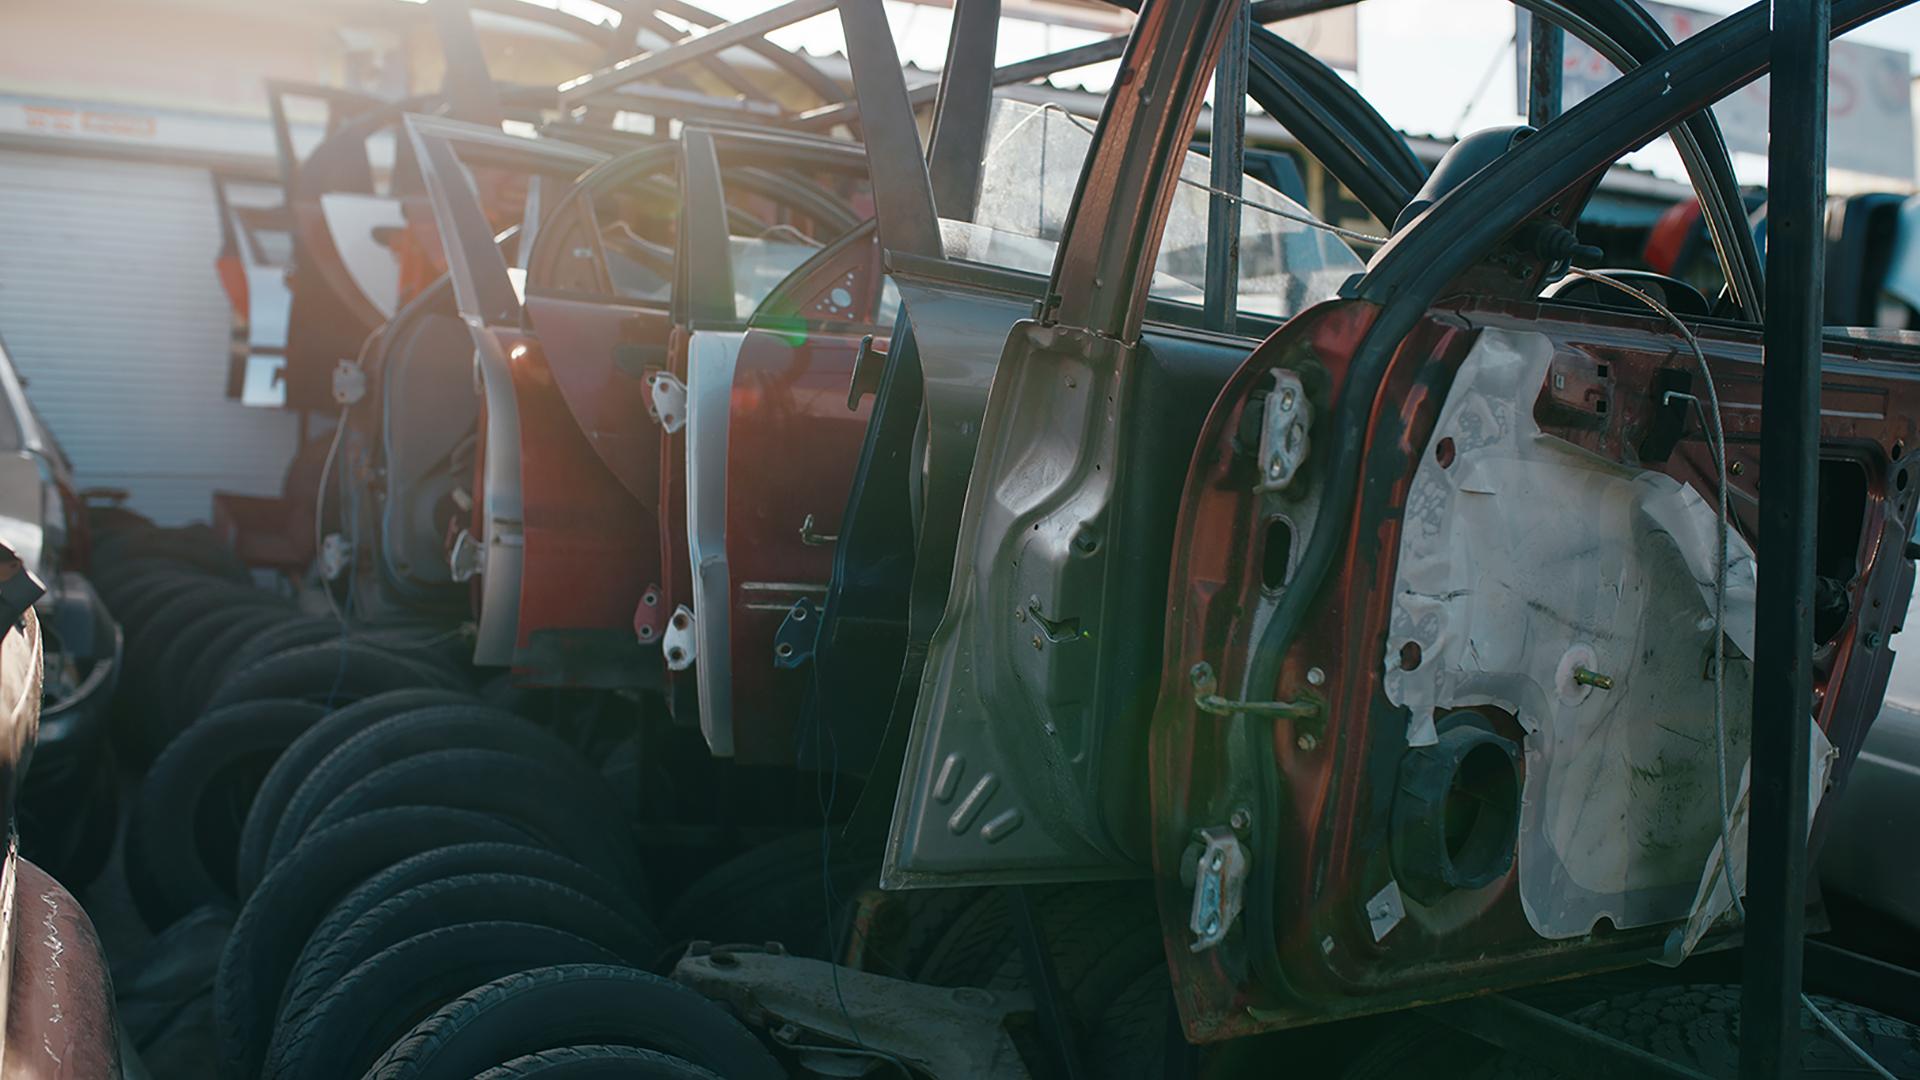 ¿Qué pasa cuándo entrega su vehículo a un Desguace?